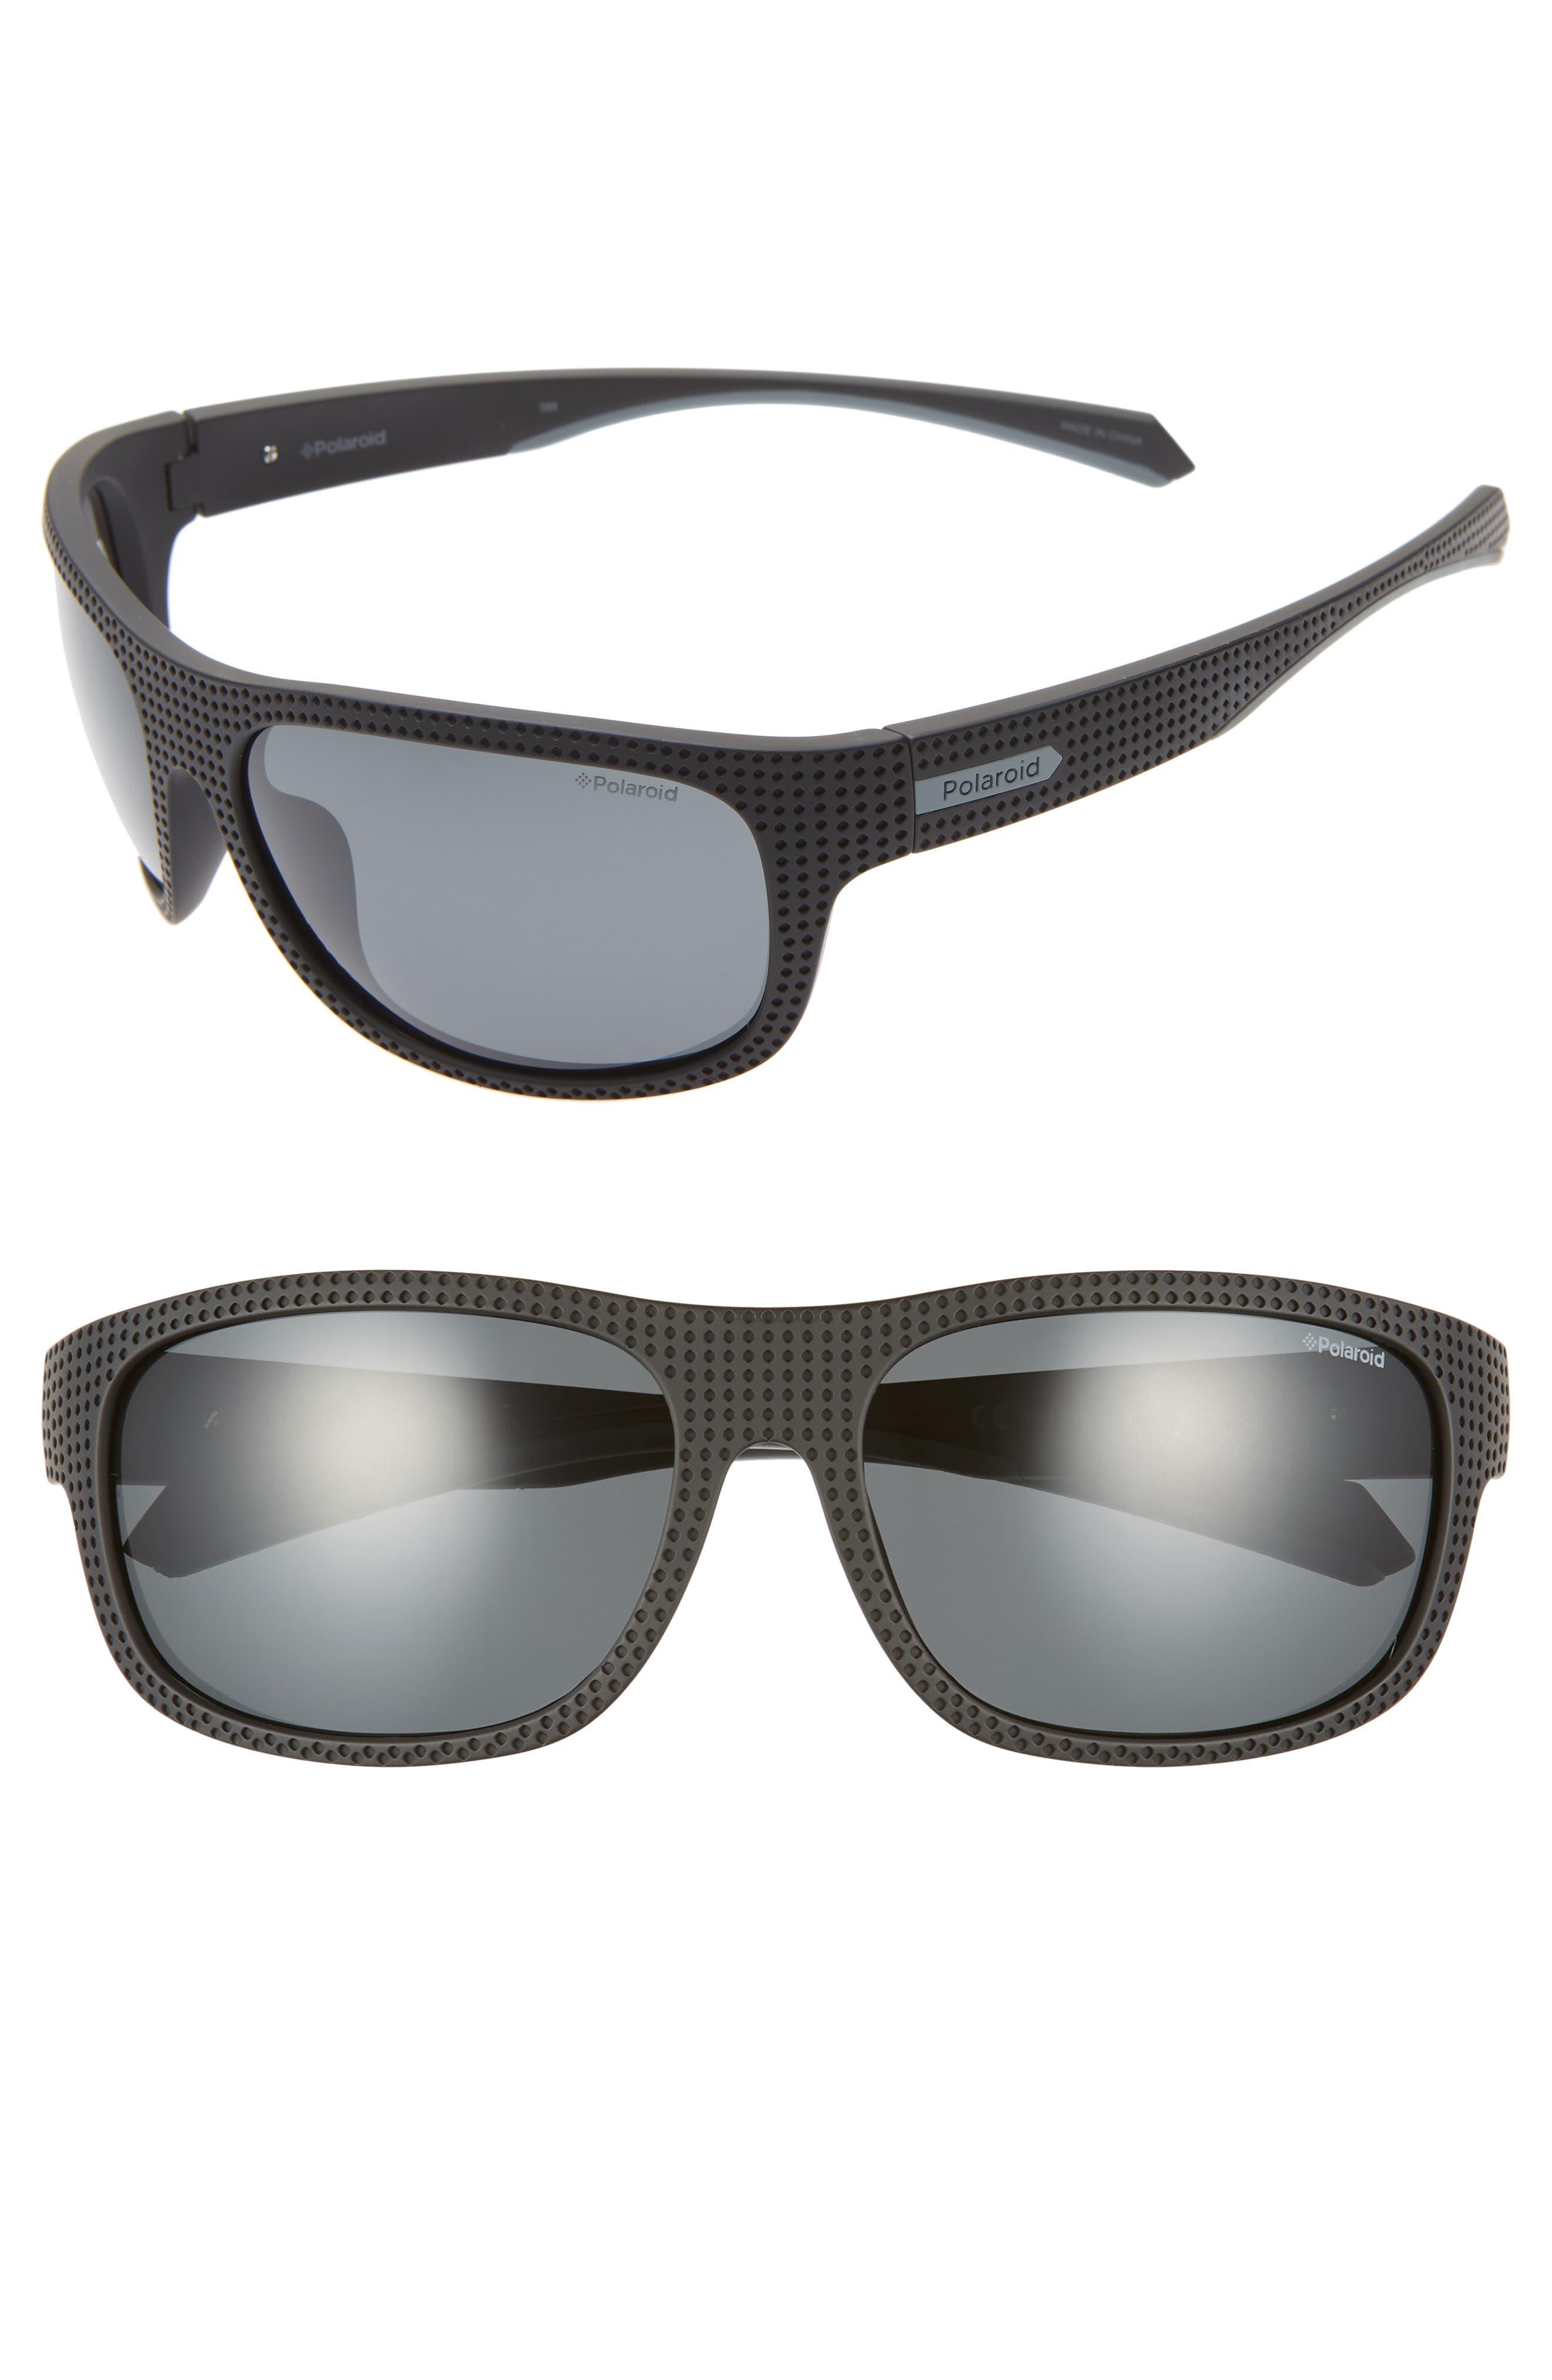 Plastic Wrap 63mm Polarized Sunglasses,                             Main thumbnail 1, color,                             BLACK